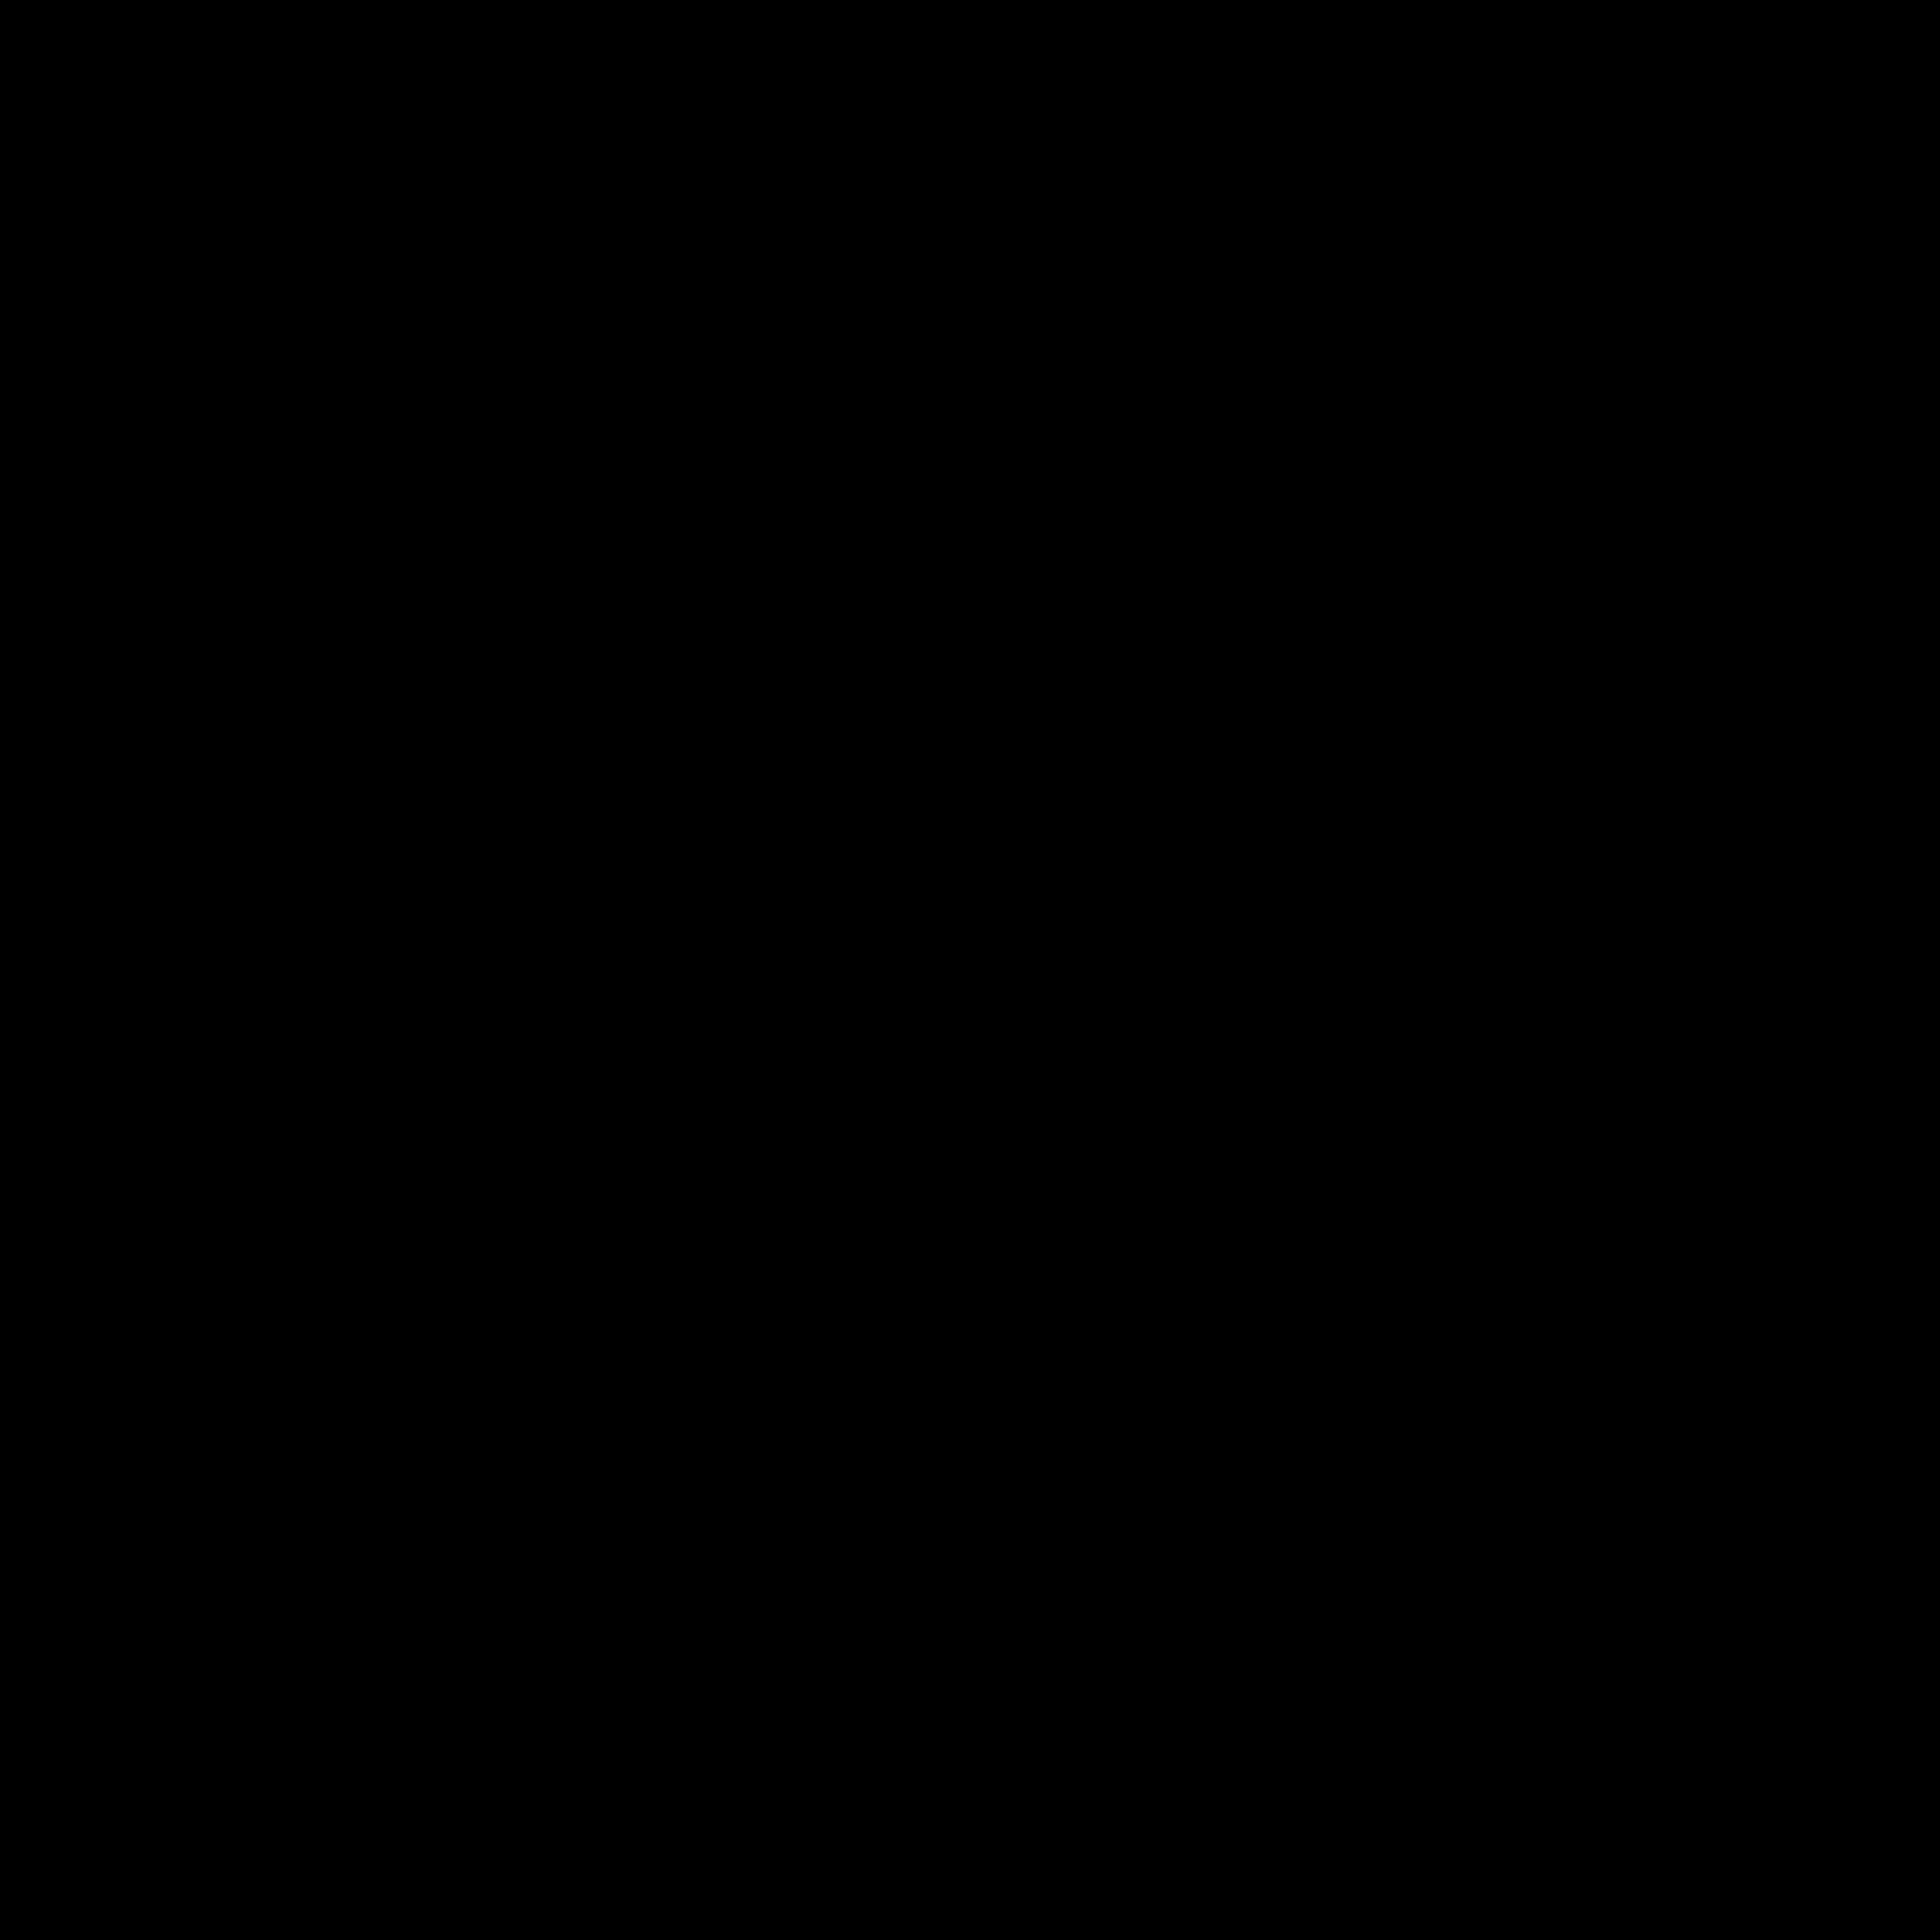 Logotype_V3_Black (1)